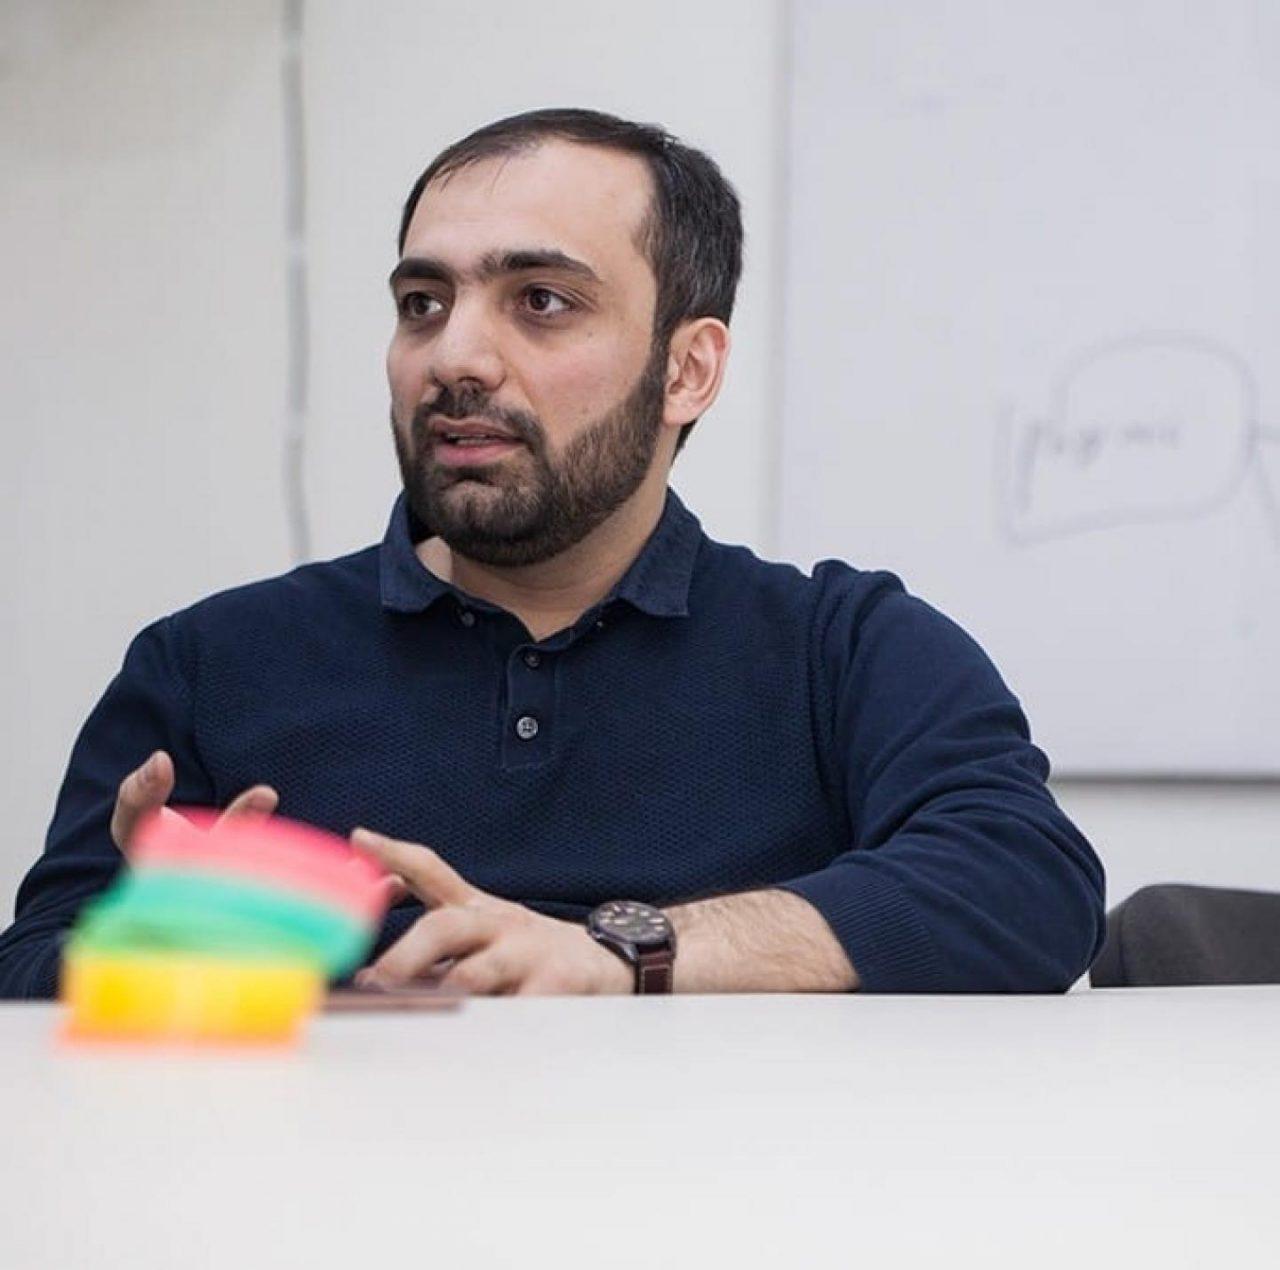 Արտավազդ Մինասյանը Krisp-ի նոր տեխնոլոգիայի մասին